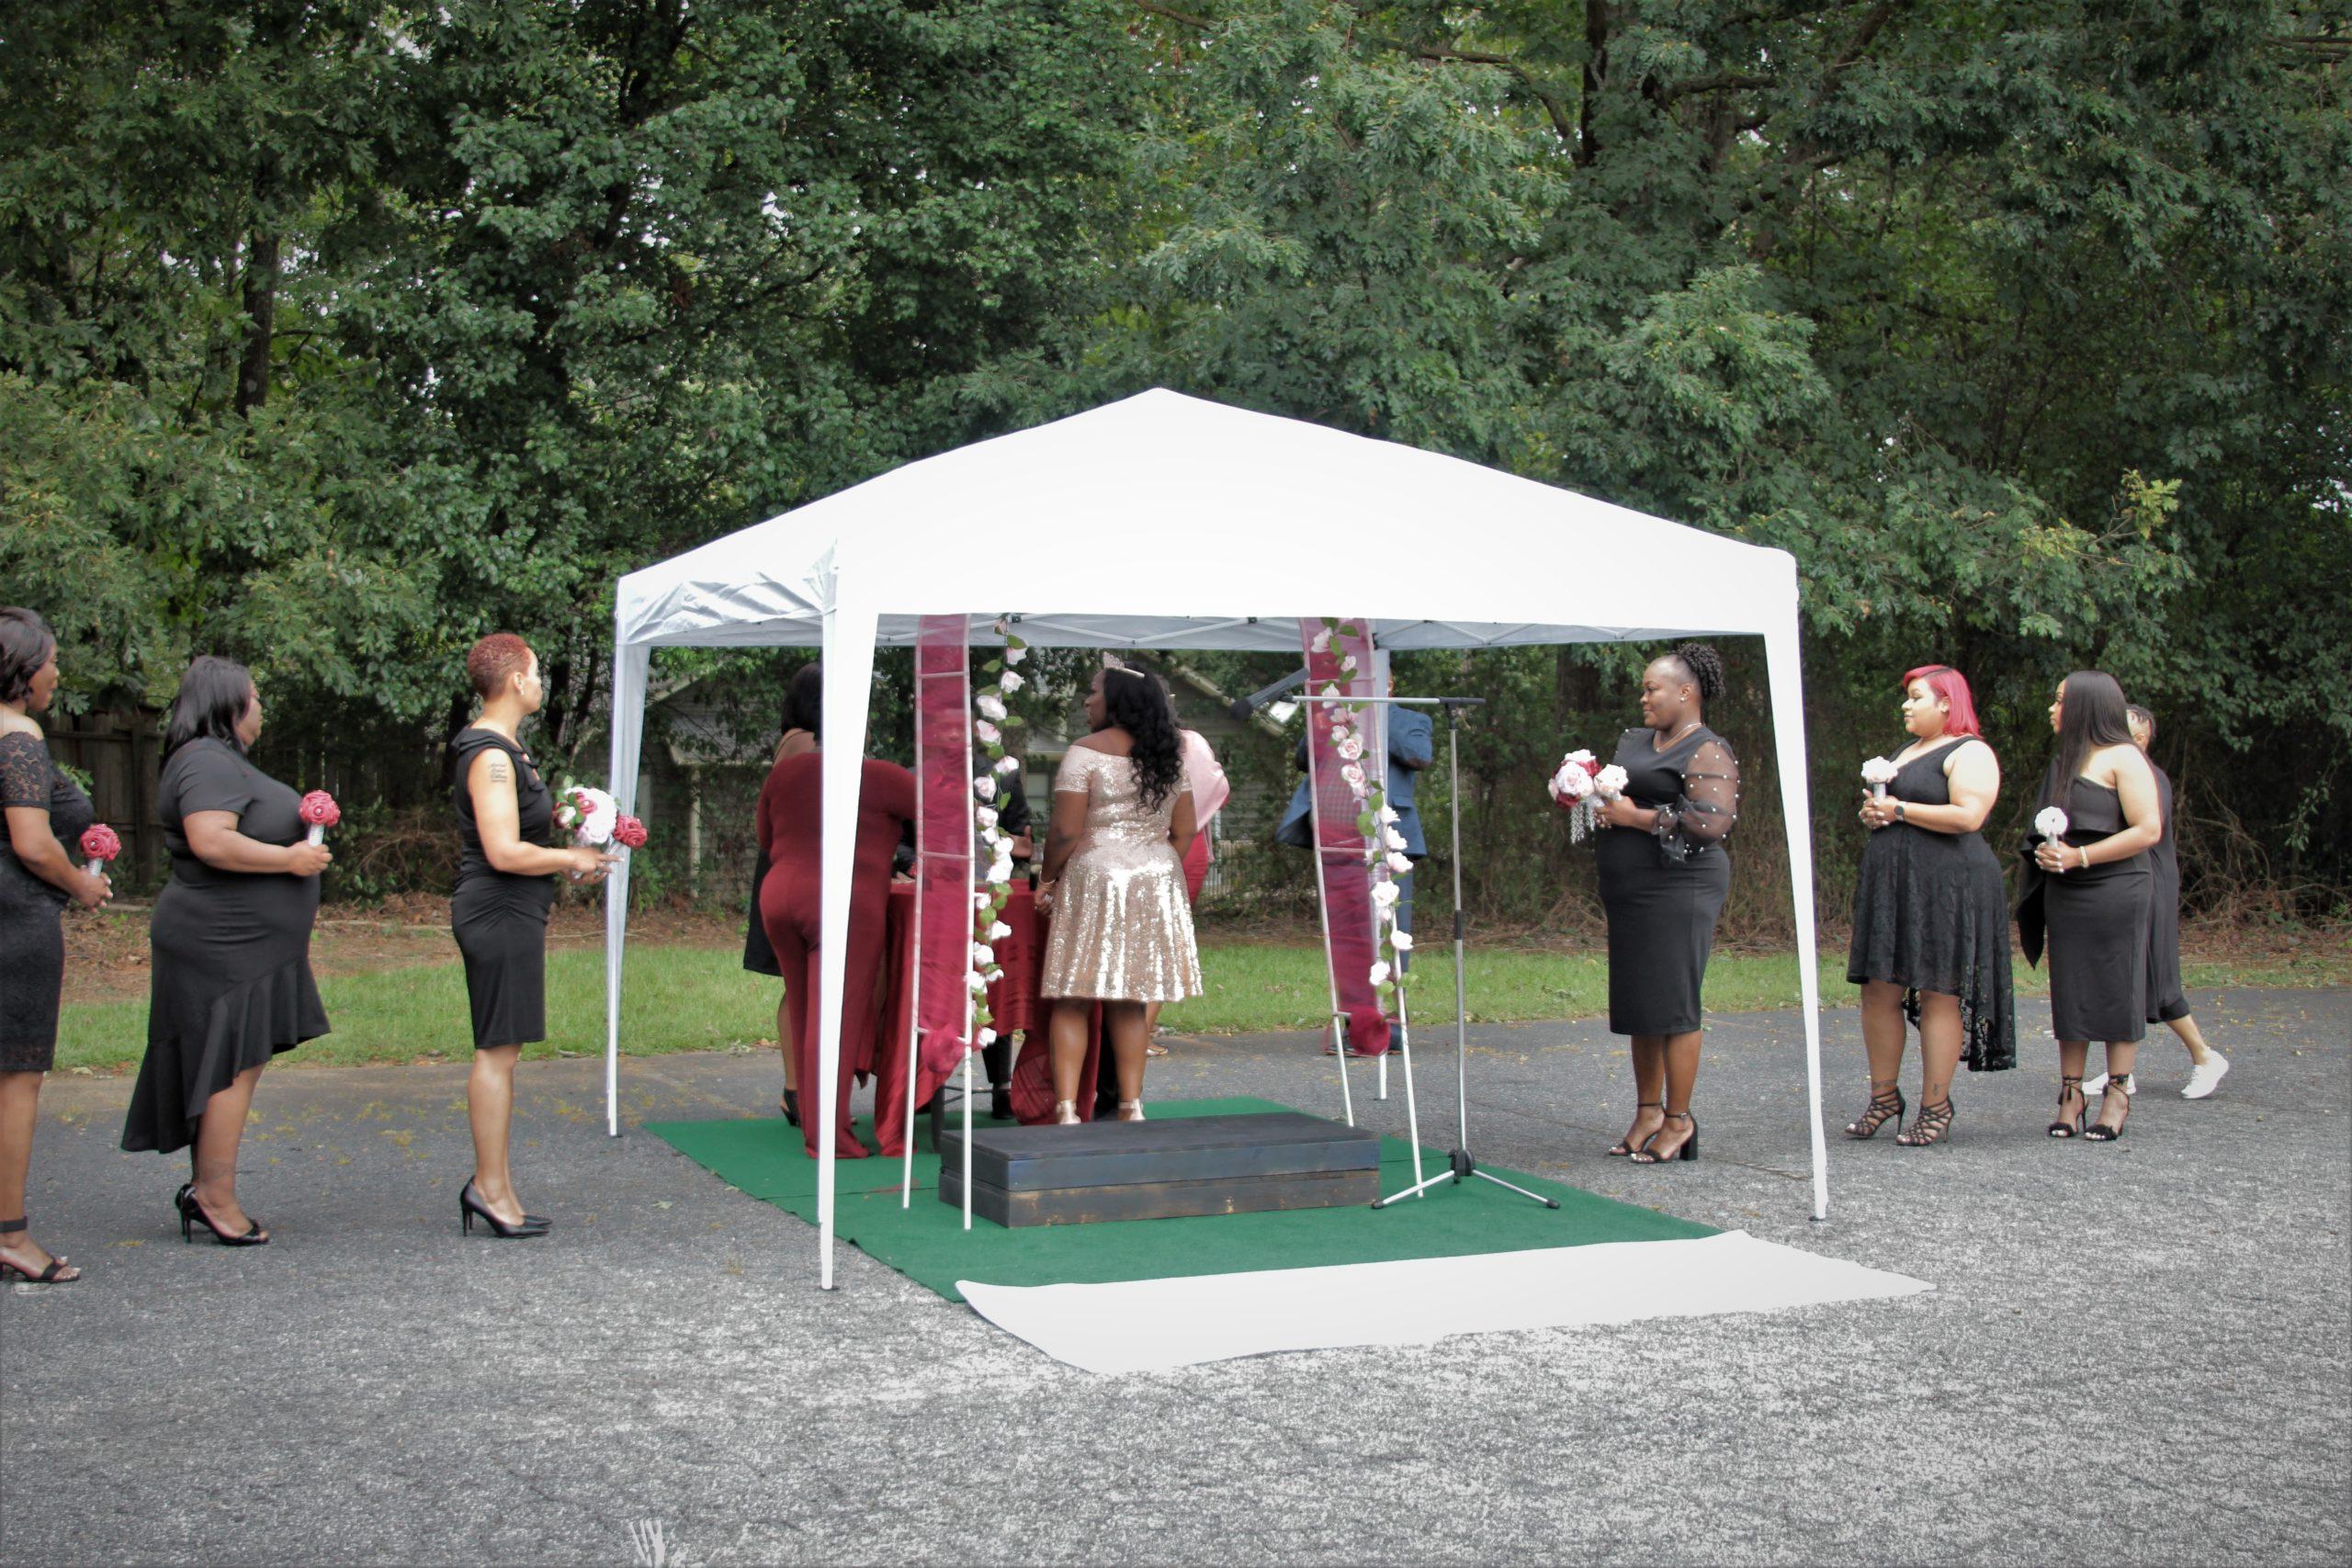 OUTSIDE WEDDING #1